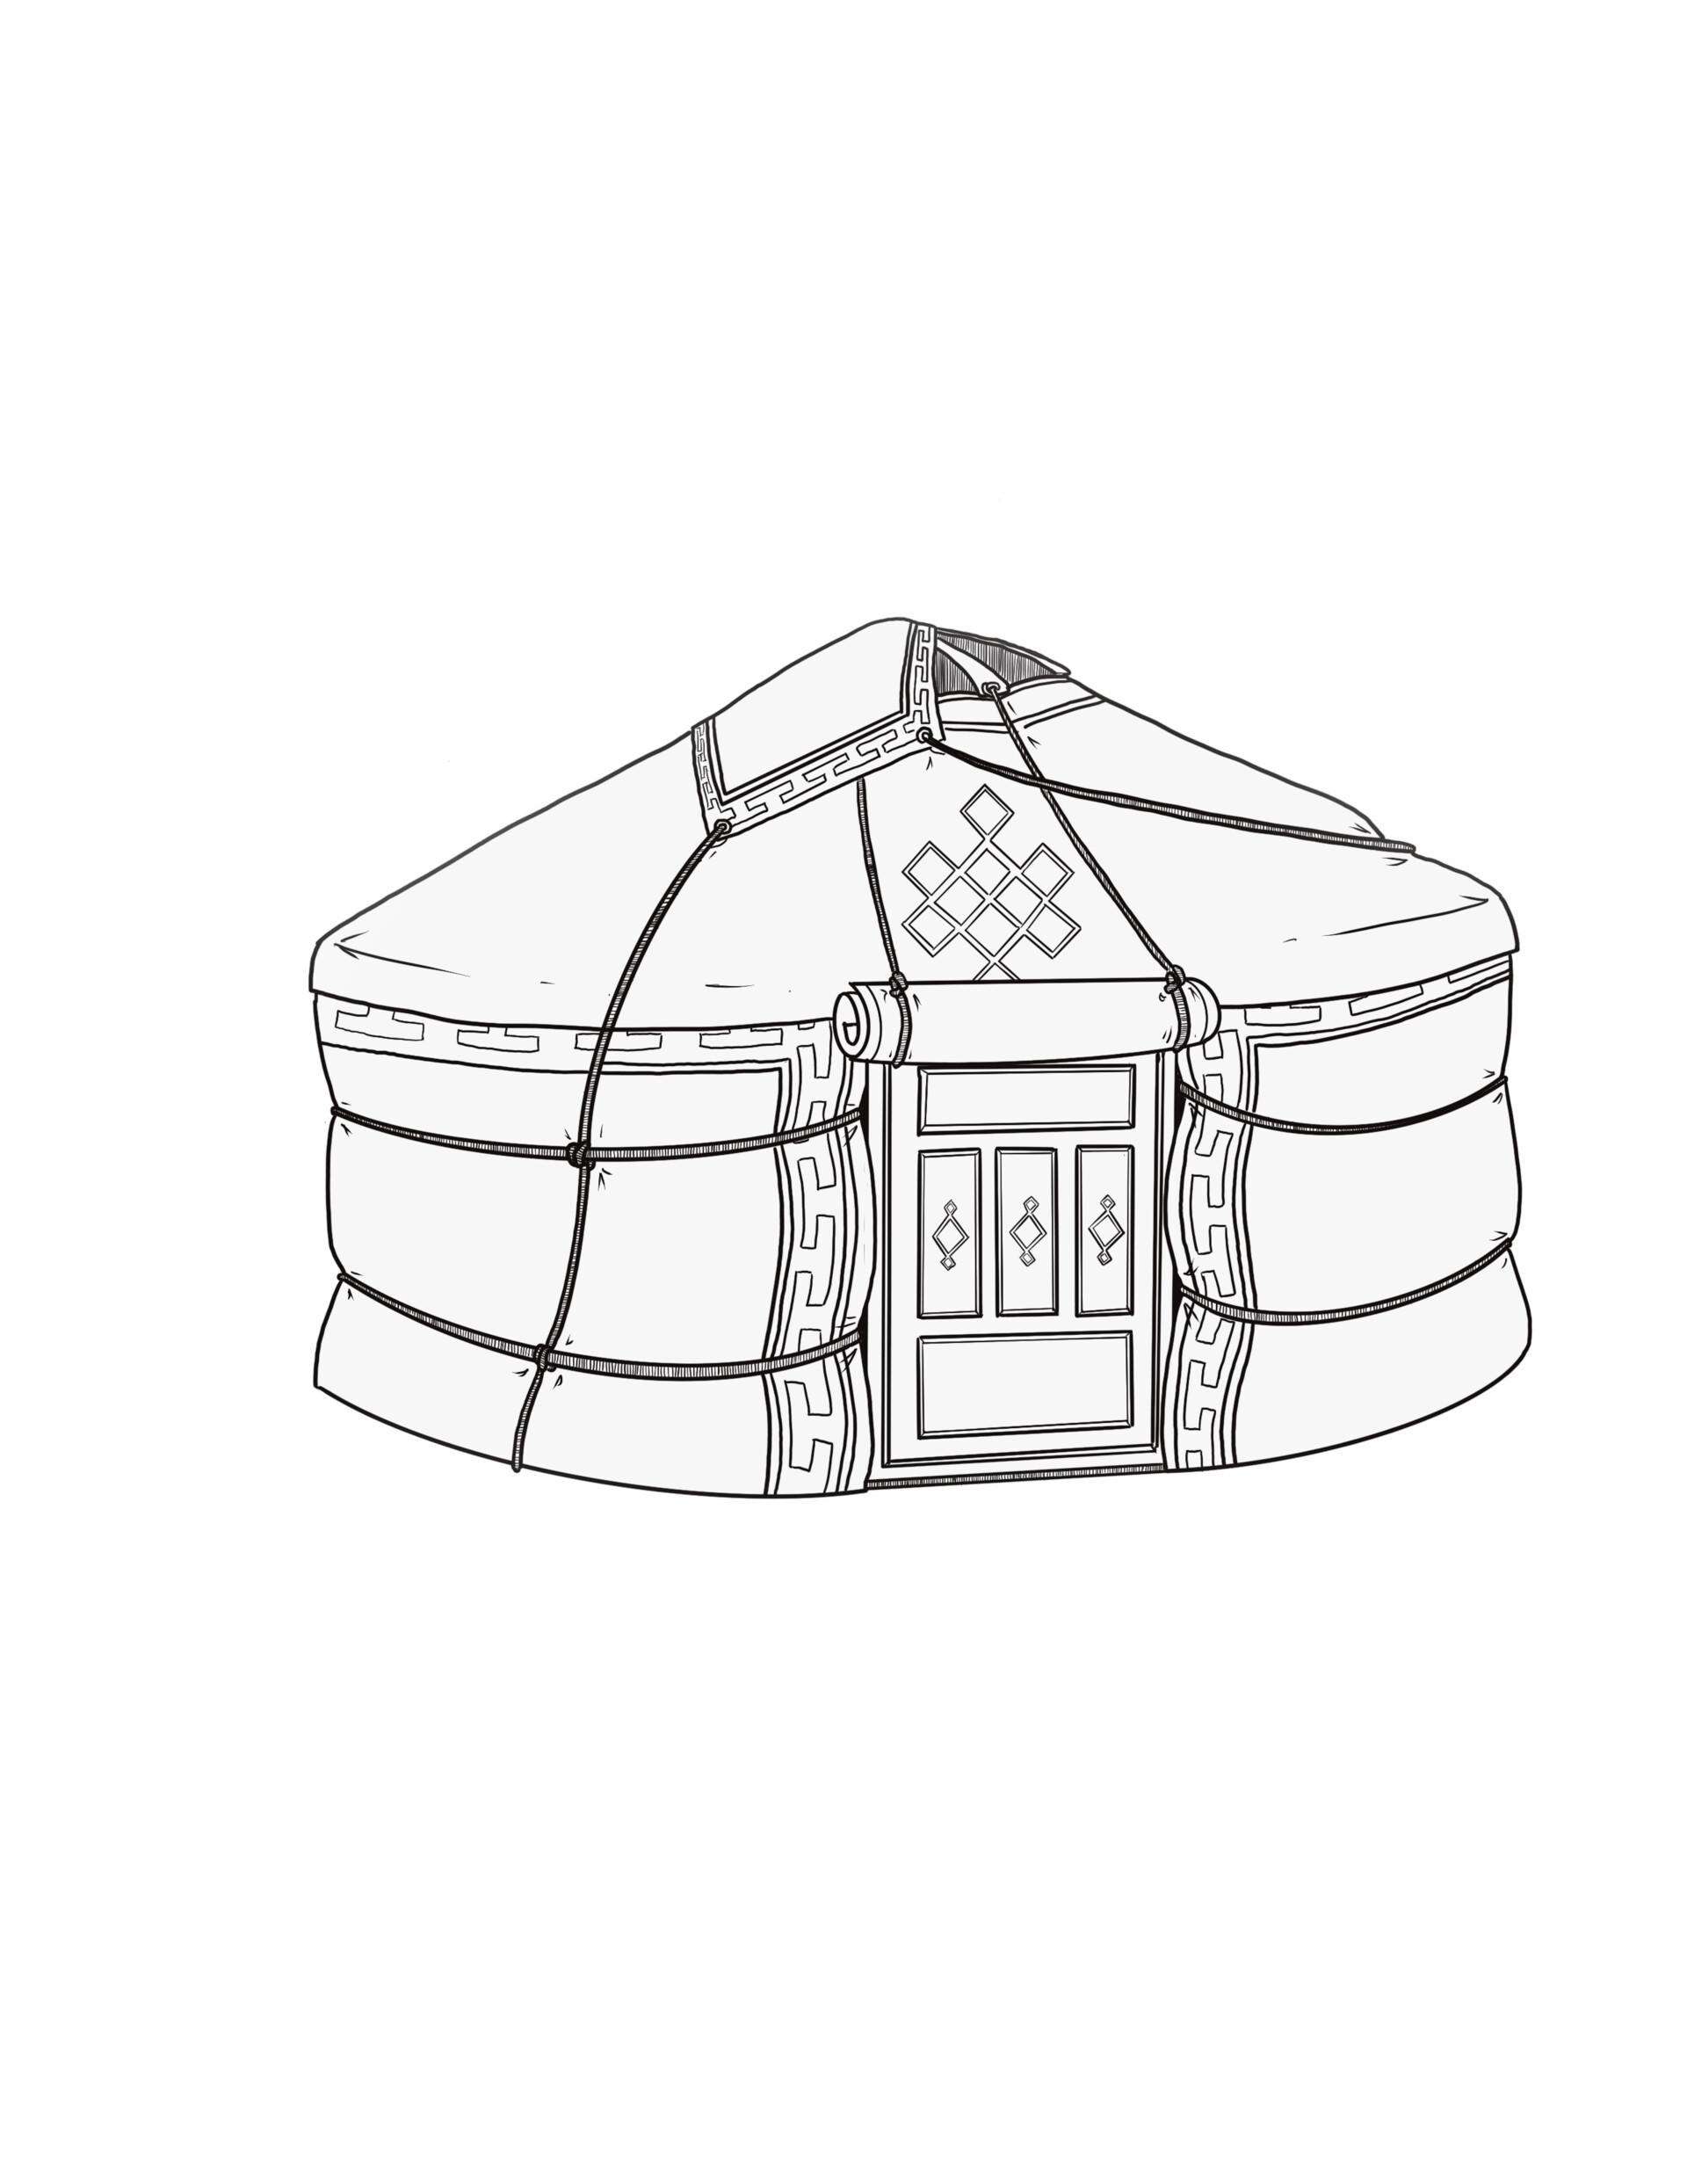 Yurt from Mongolia